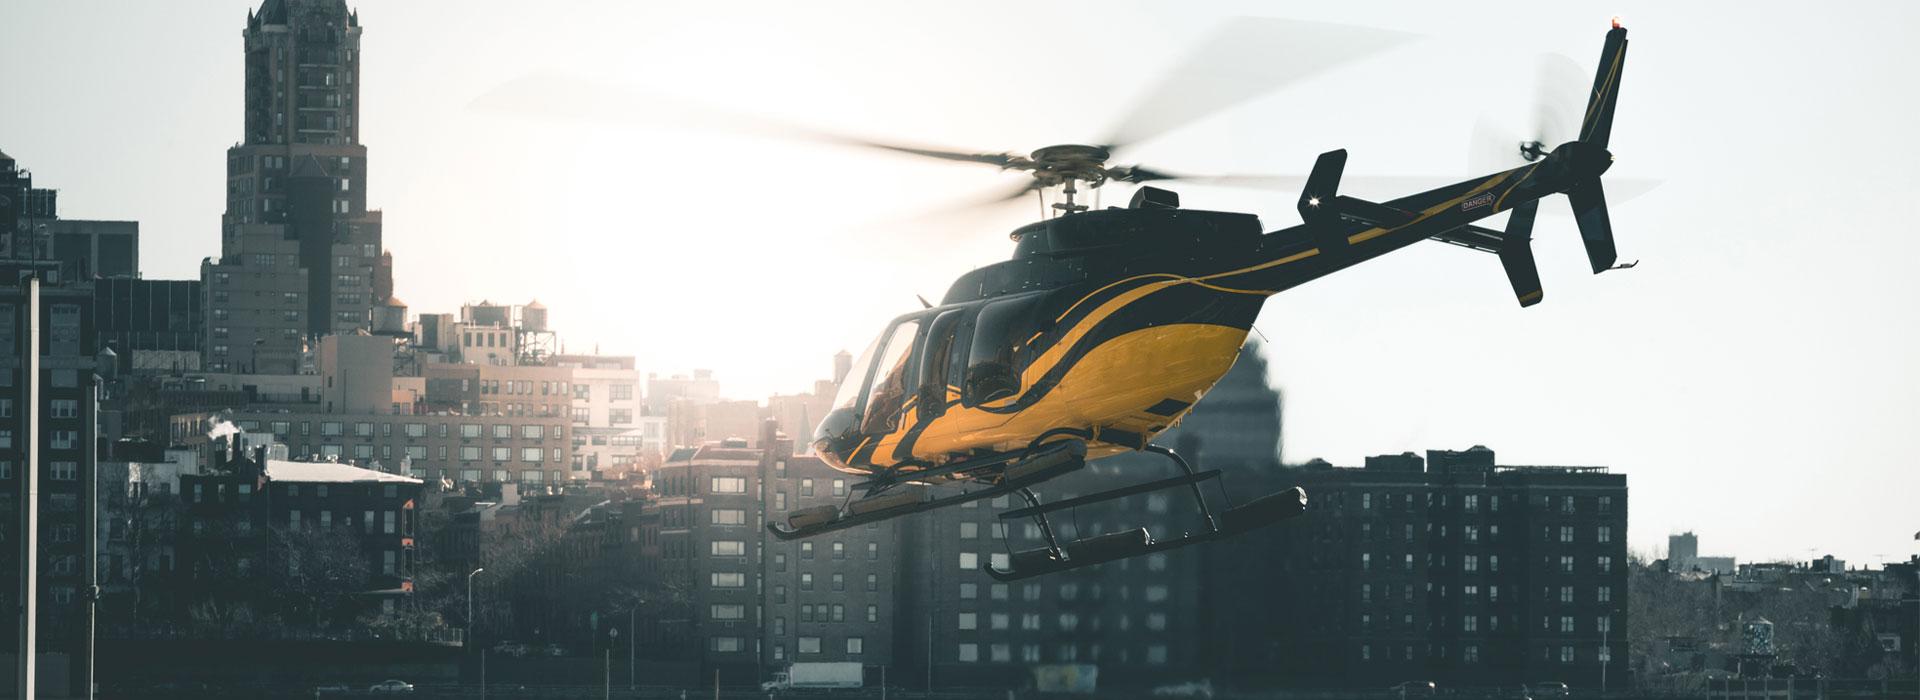 Bienvenue à bord d'un hélicoptère